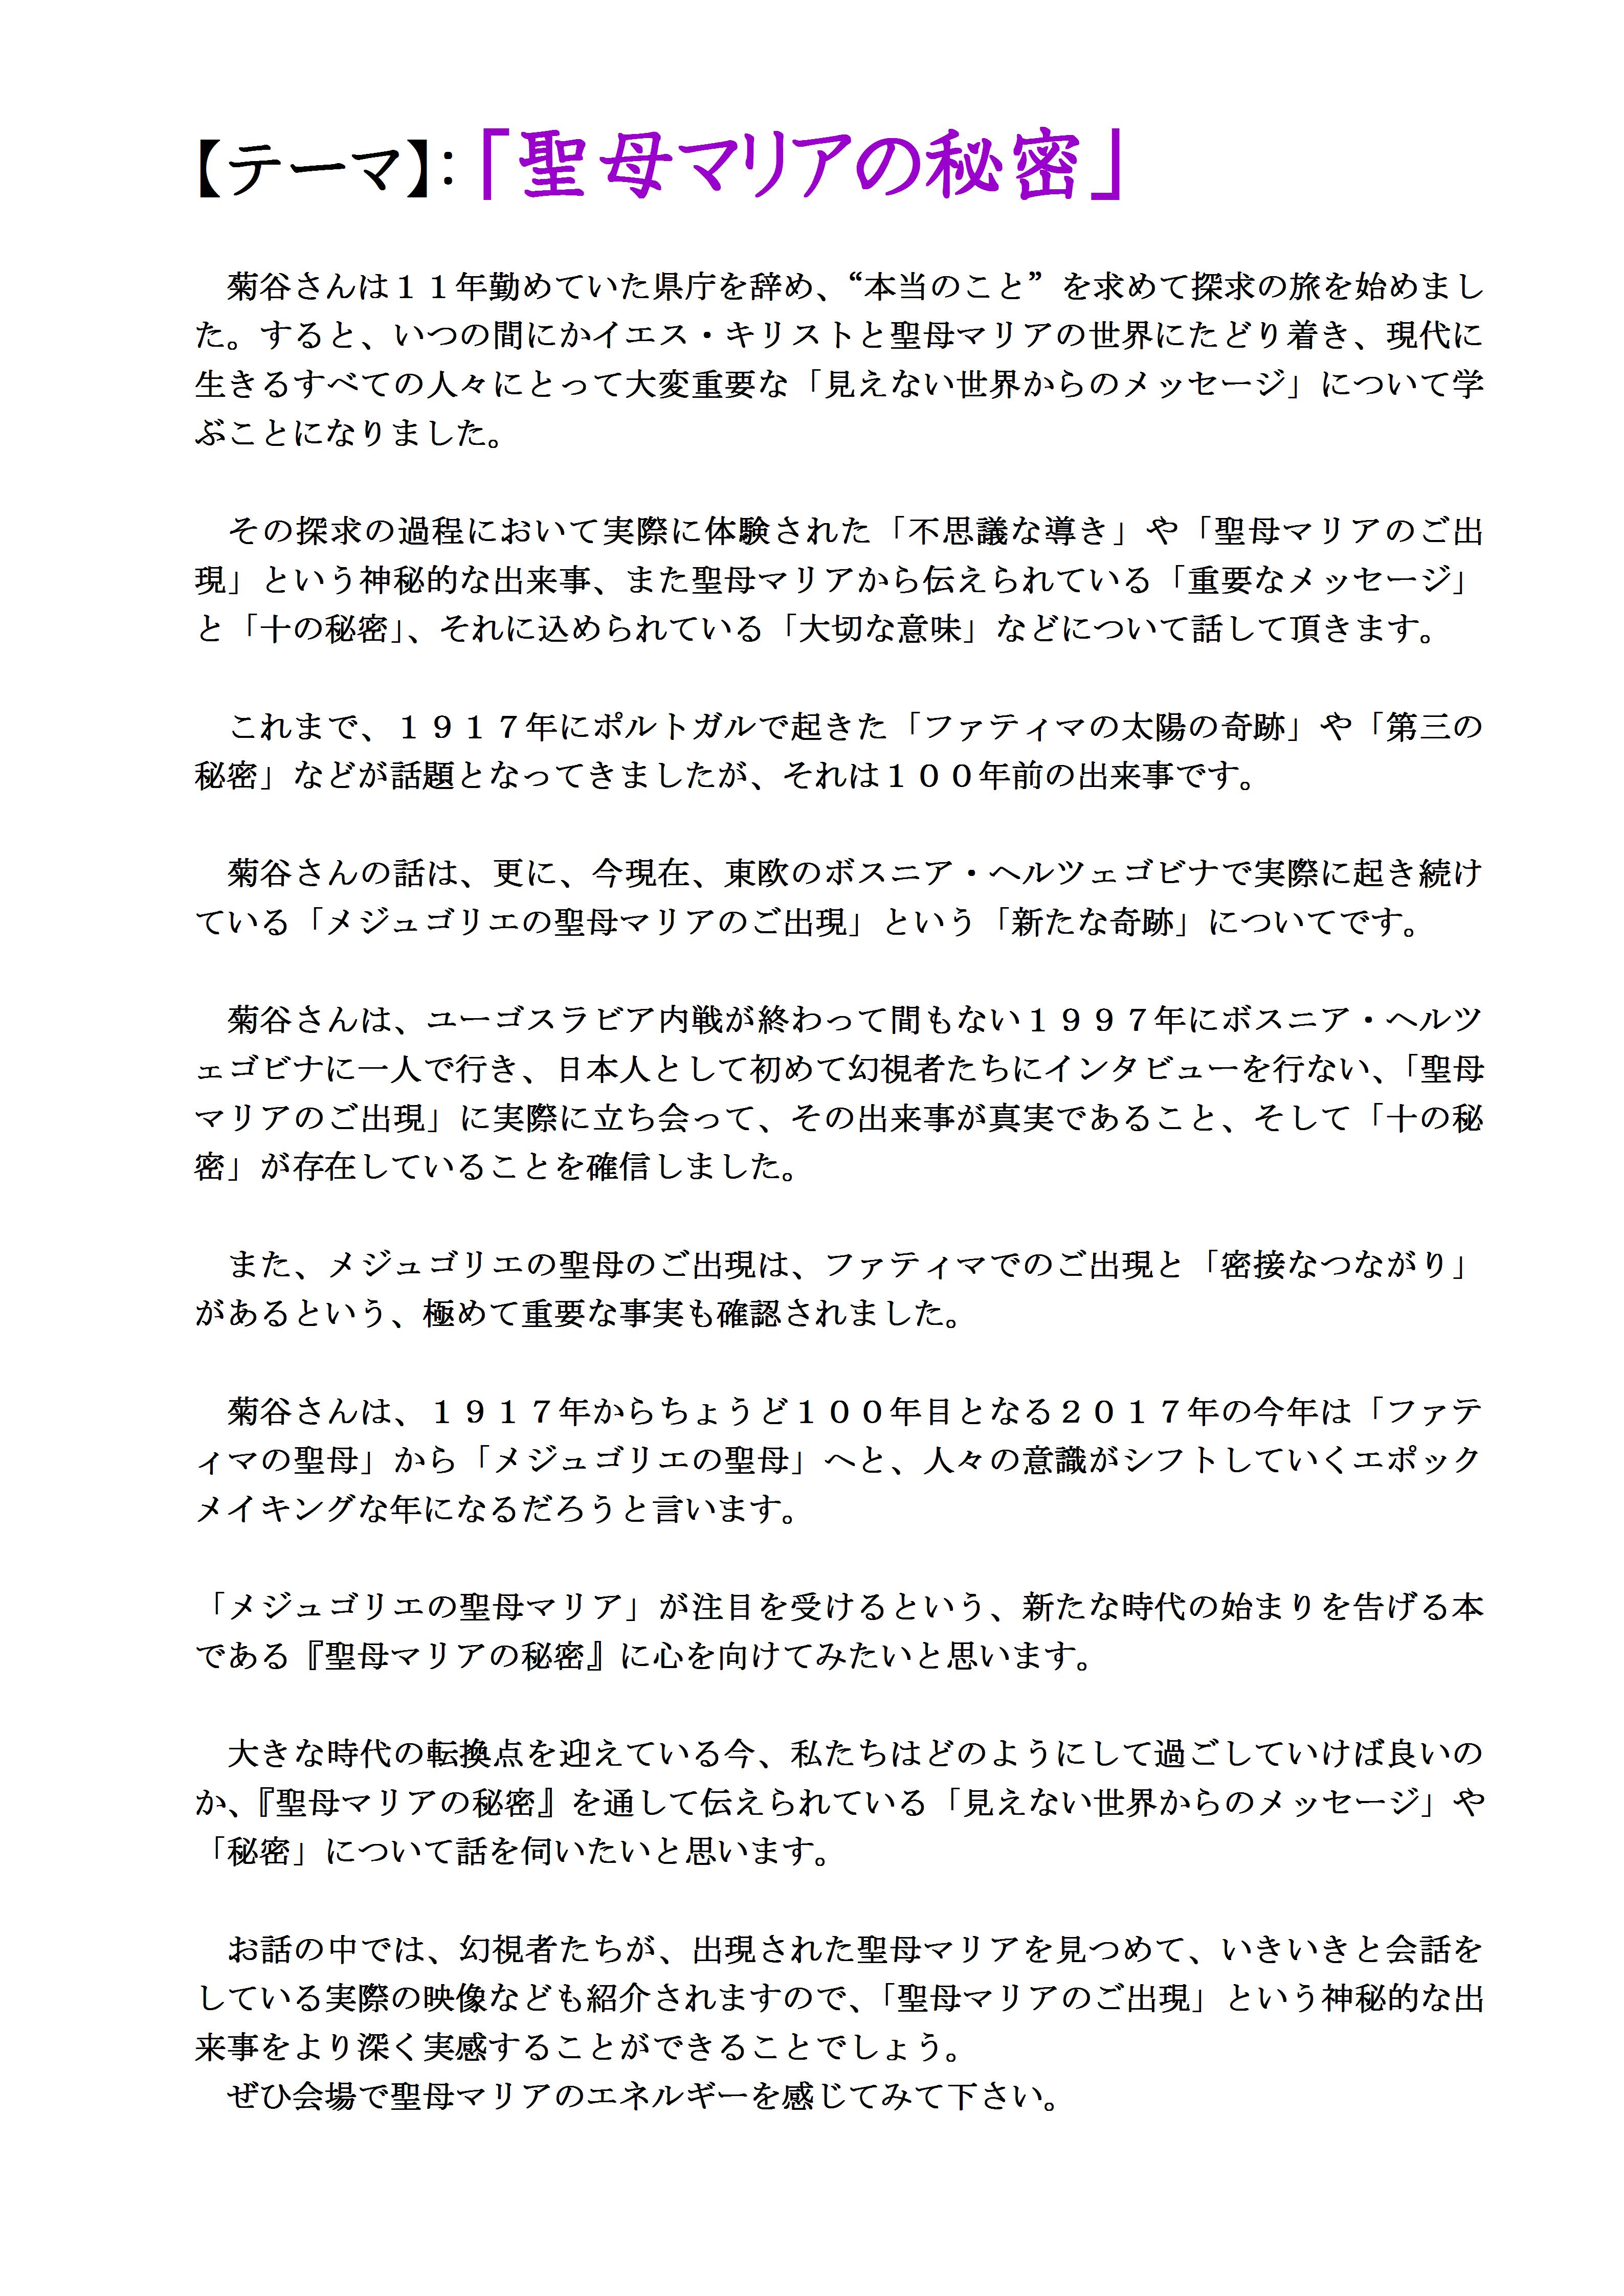 「お話とお祈りの会」 in 福岡 Ⅱ 2.png